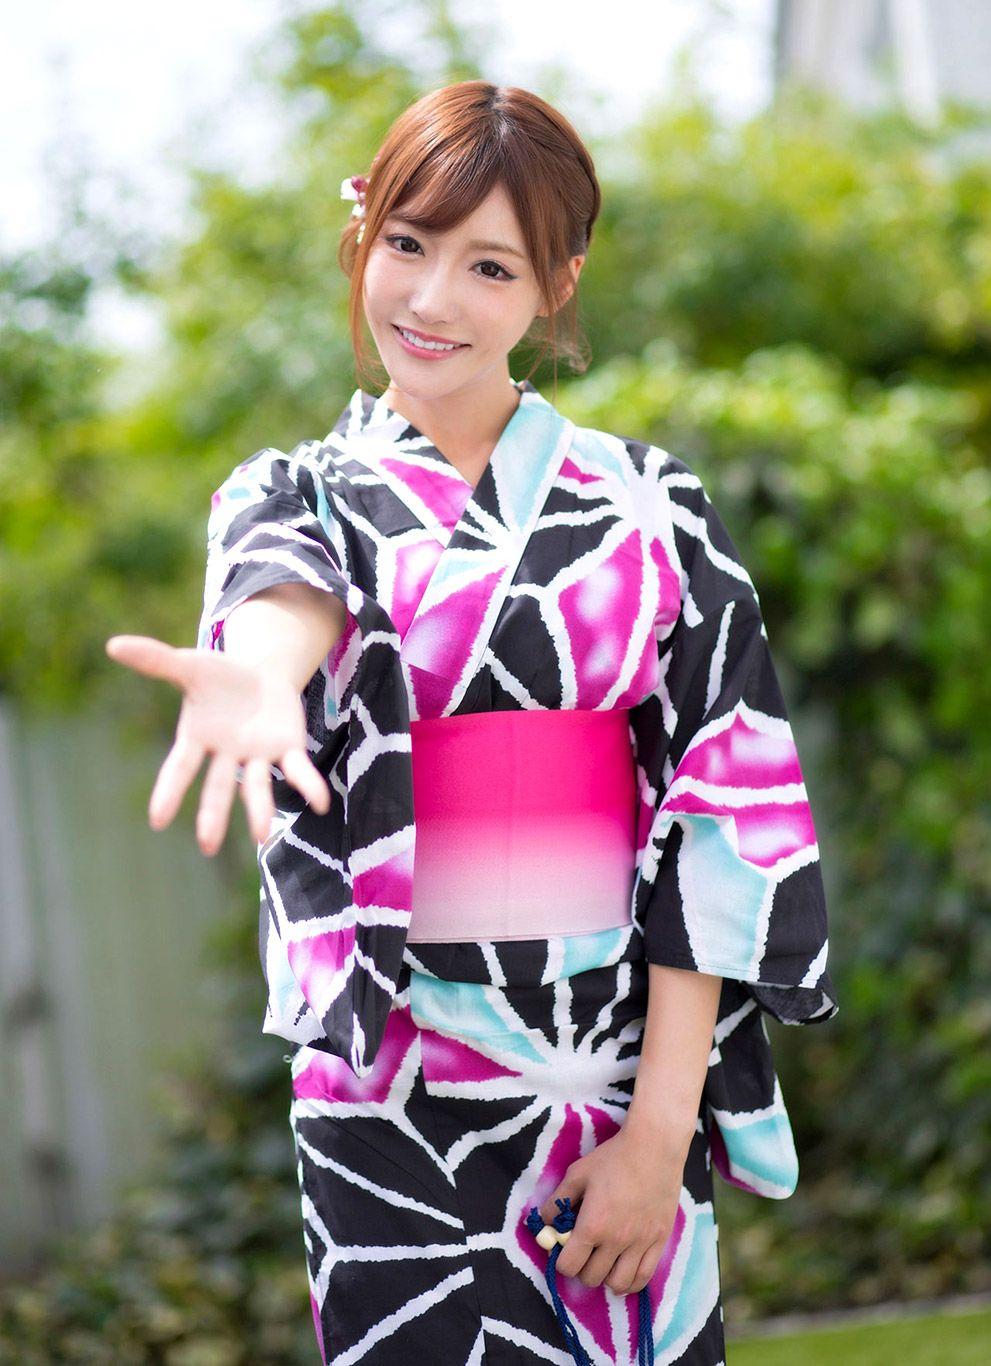 Pin on https://javflash.com - Kirara Asuka (明日花キララ)